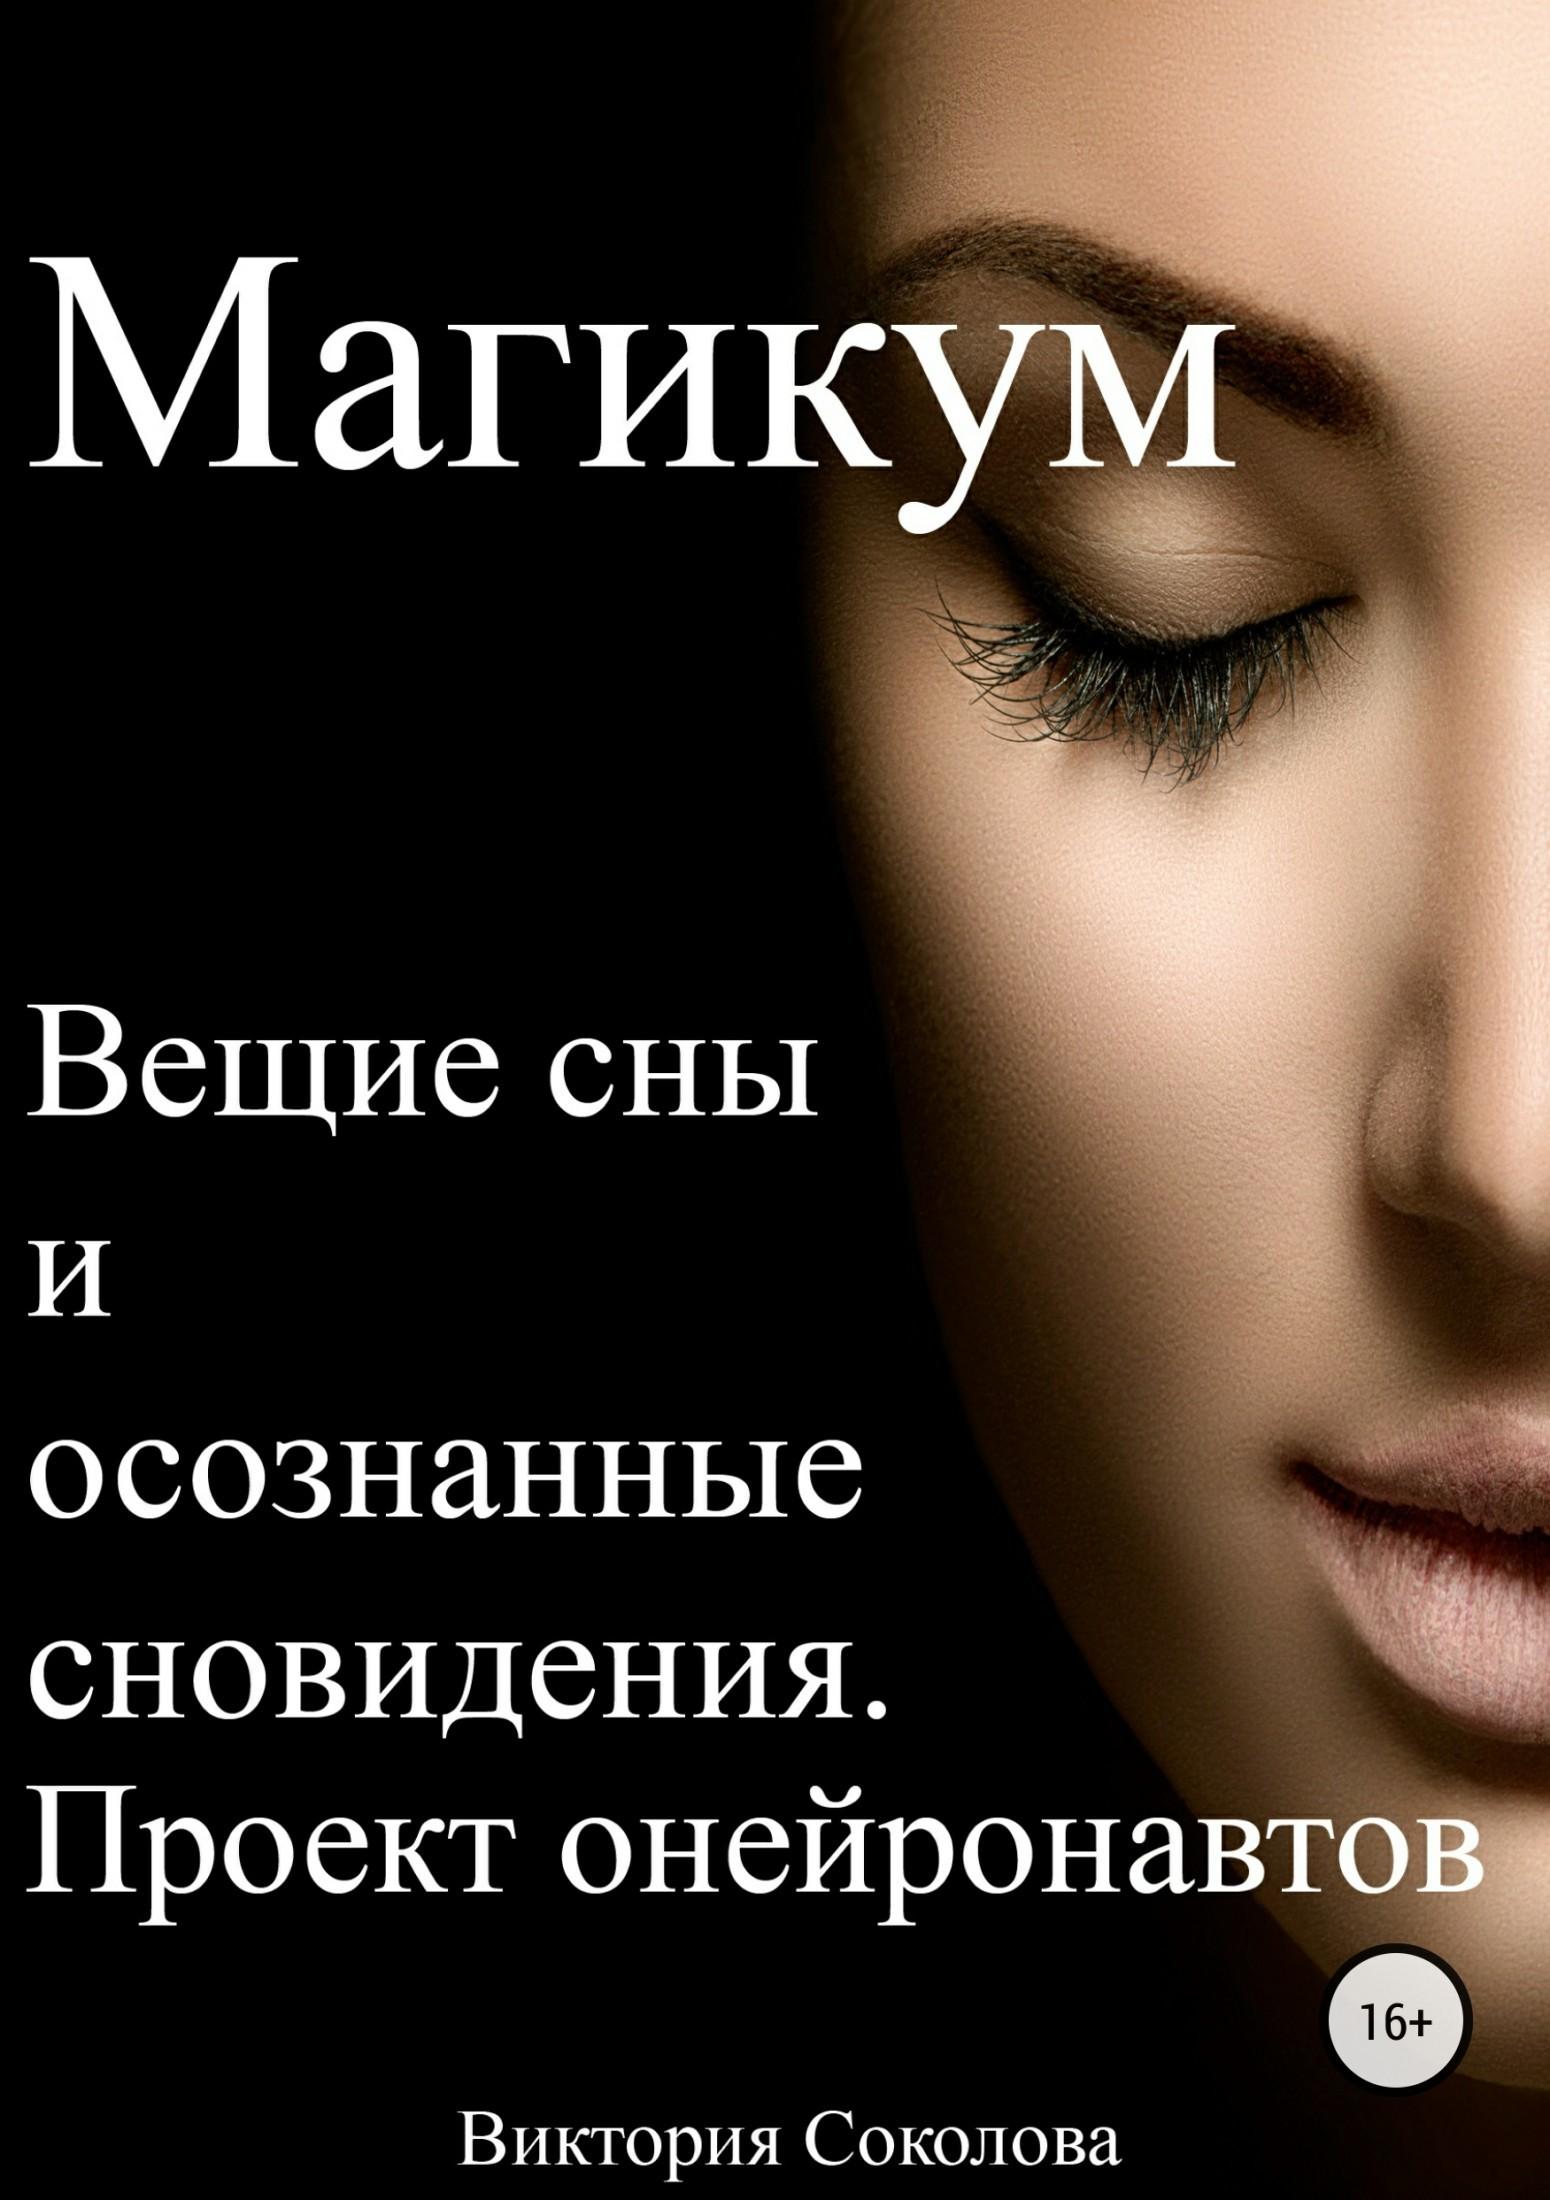 Виктория Соколова Магикум. Вещие сны и осознанные сновидения. Теория и практика сны и судьбы